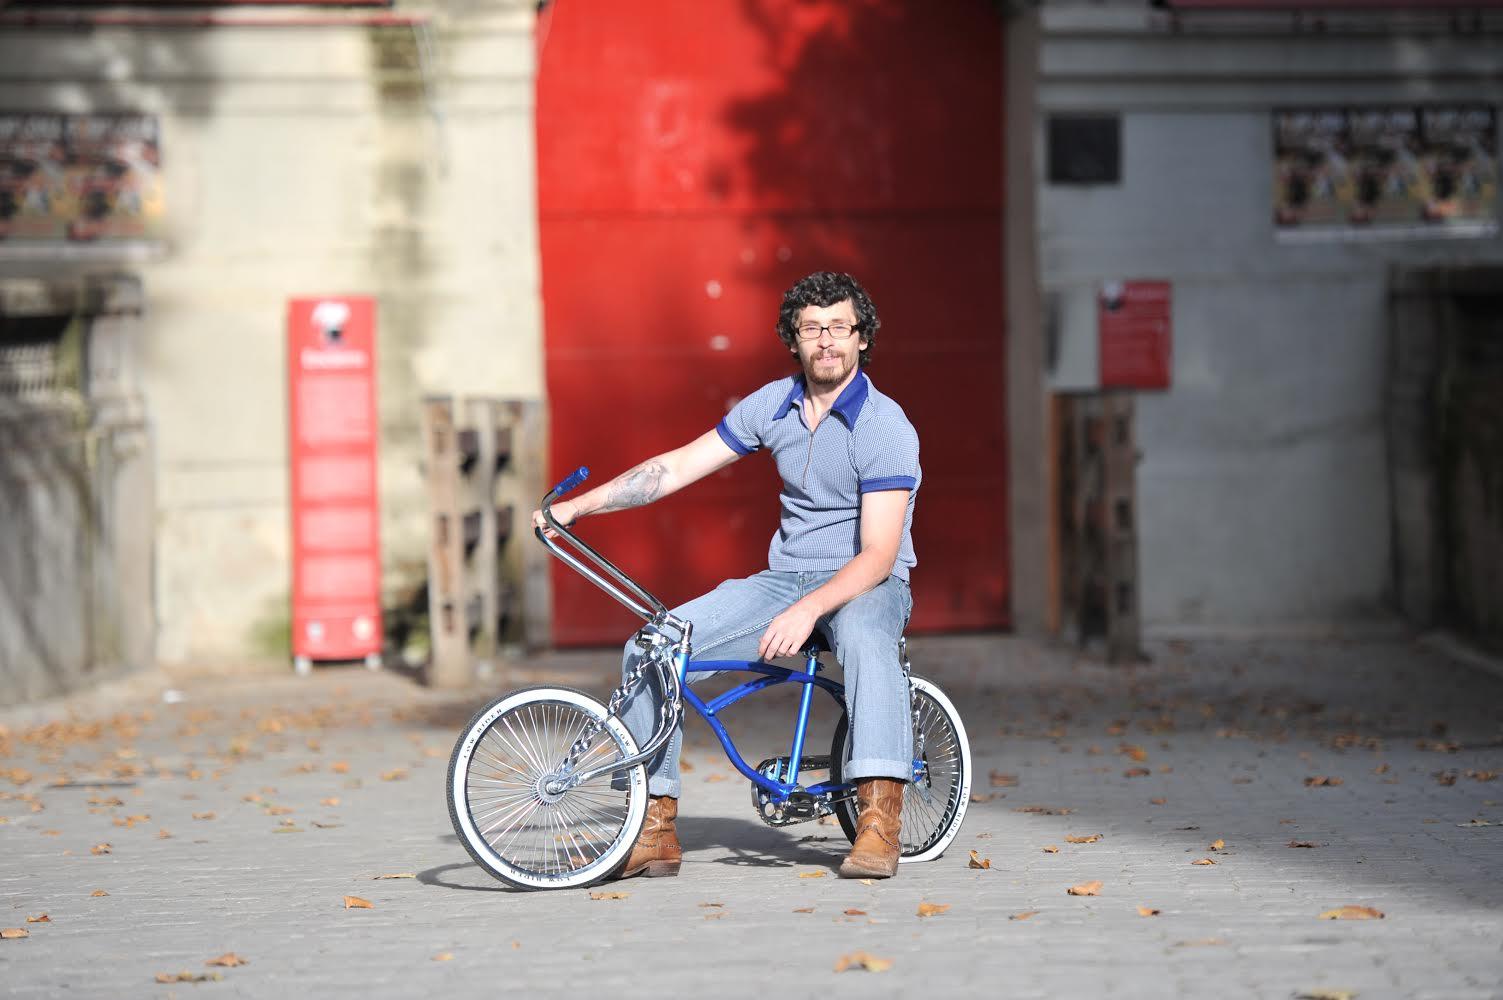 Bill Himann con su bicicleta frente a la plaza de toros de Pamplona. ©Mikel Ciáurriz FotoXpasion.com